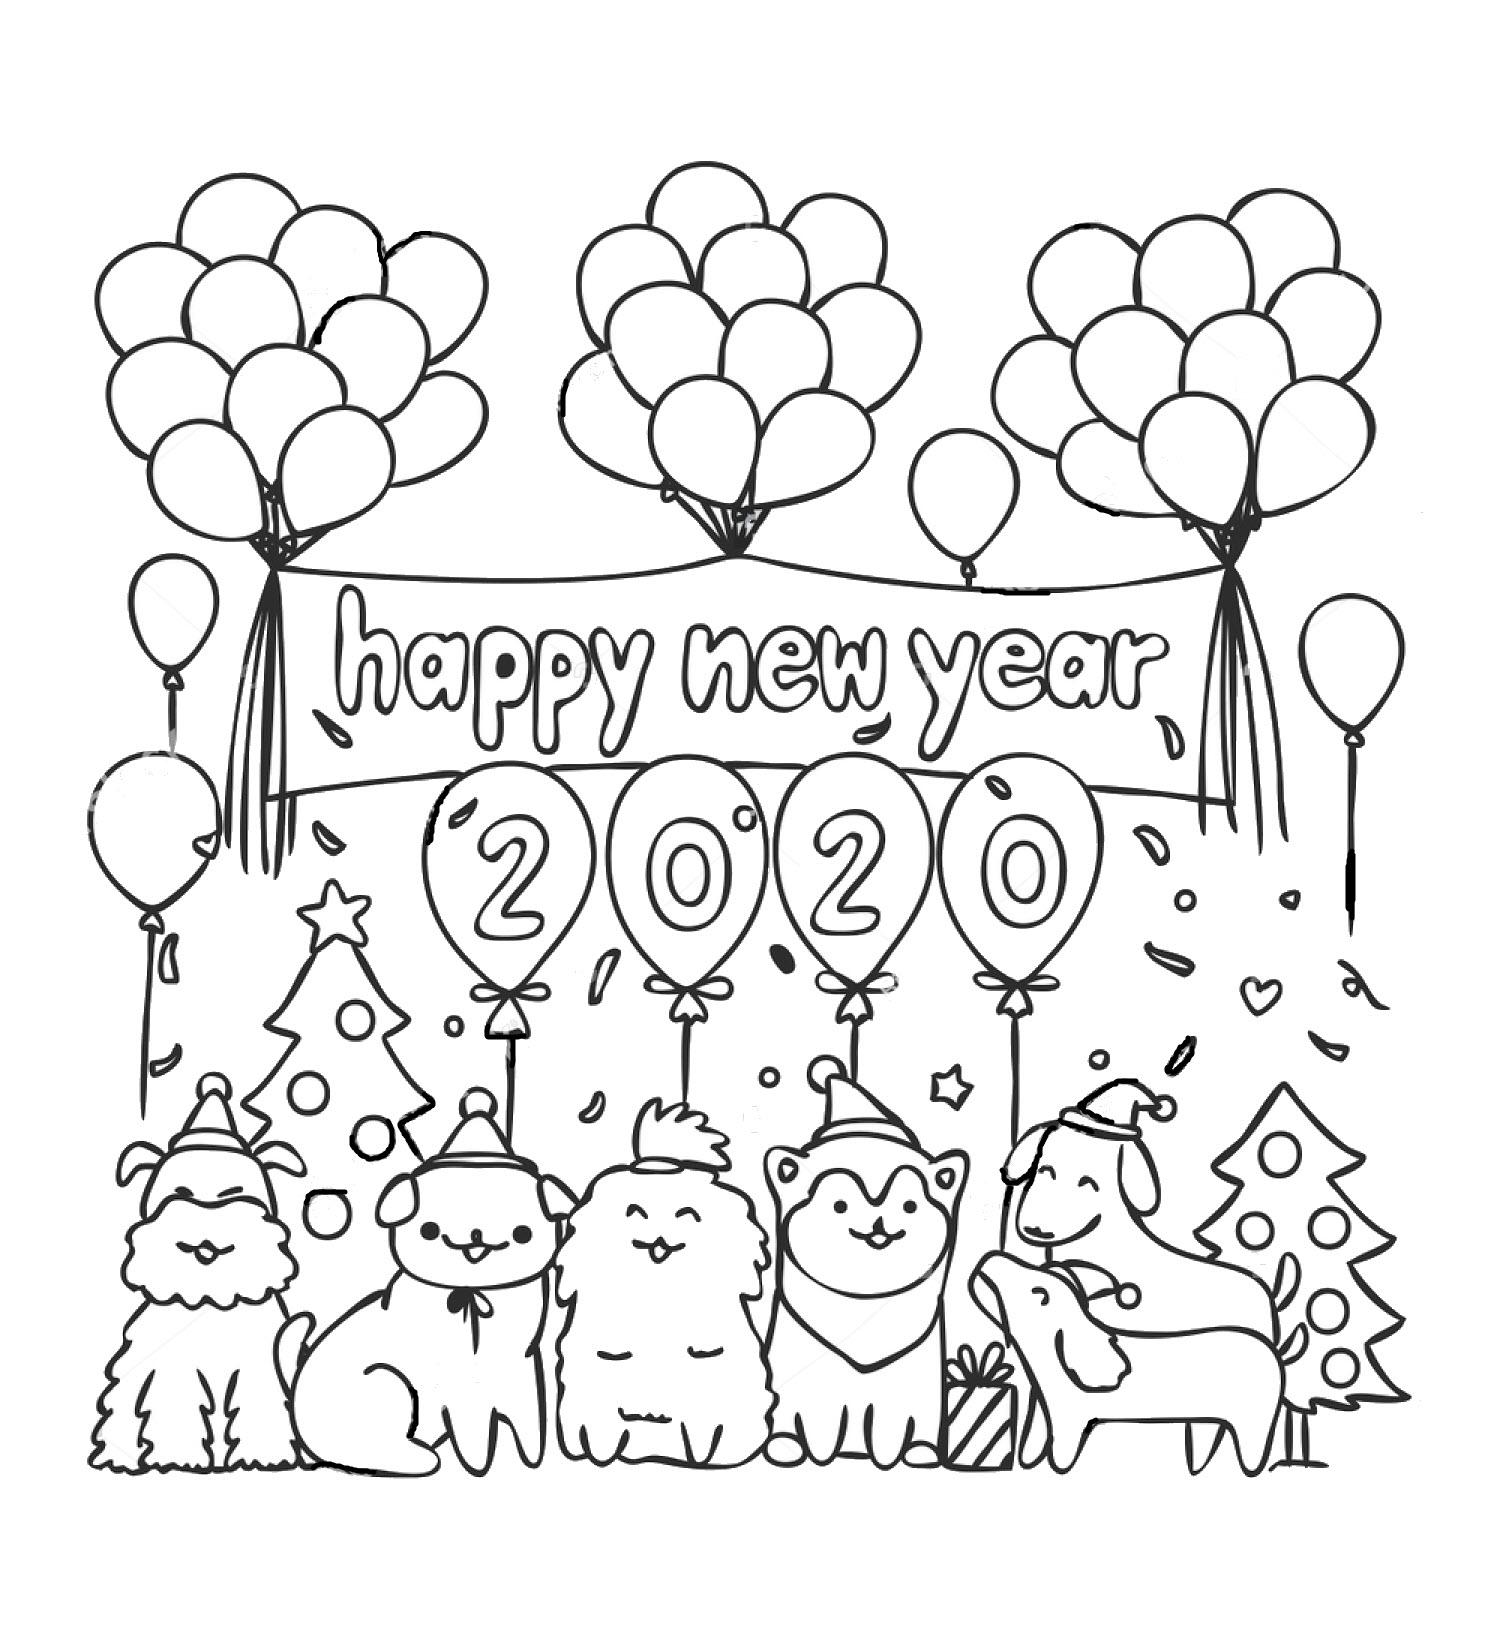 Tranh tô màu cho bé chúc mừng năm mới